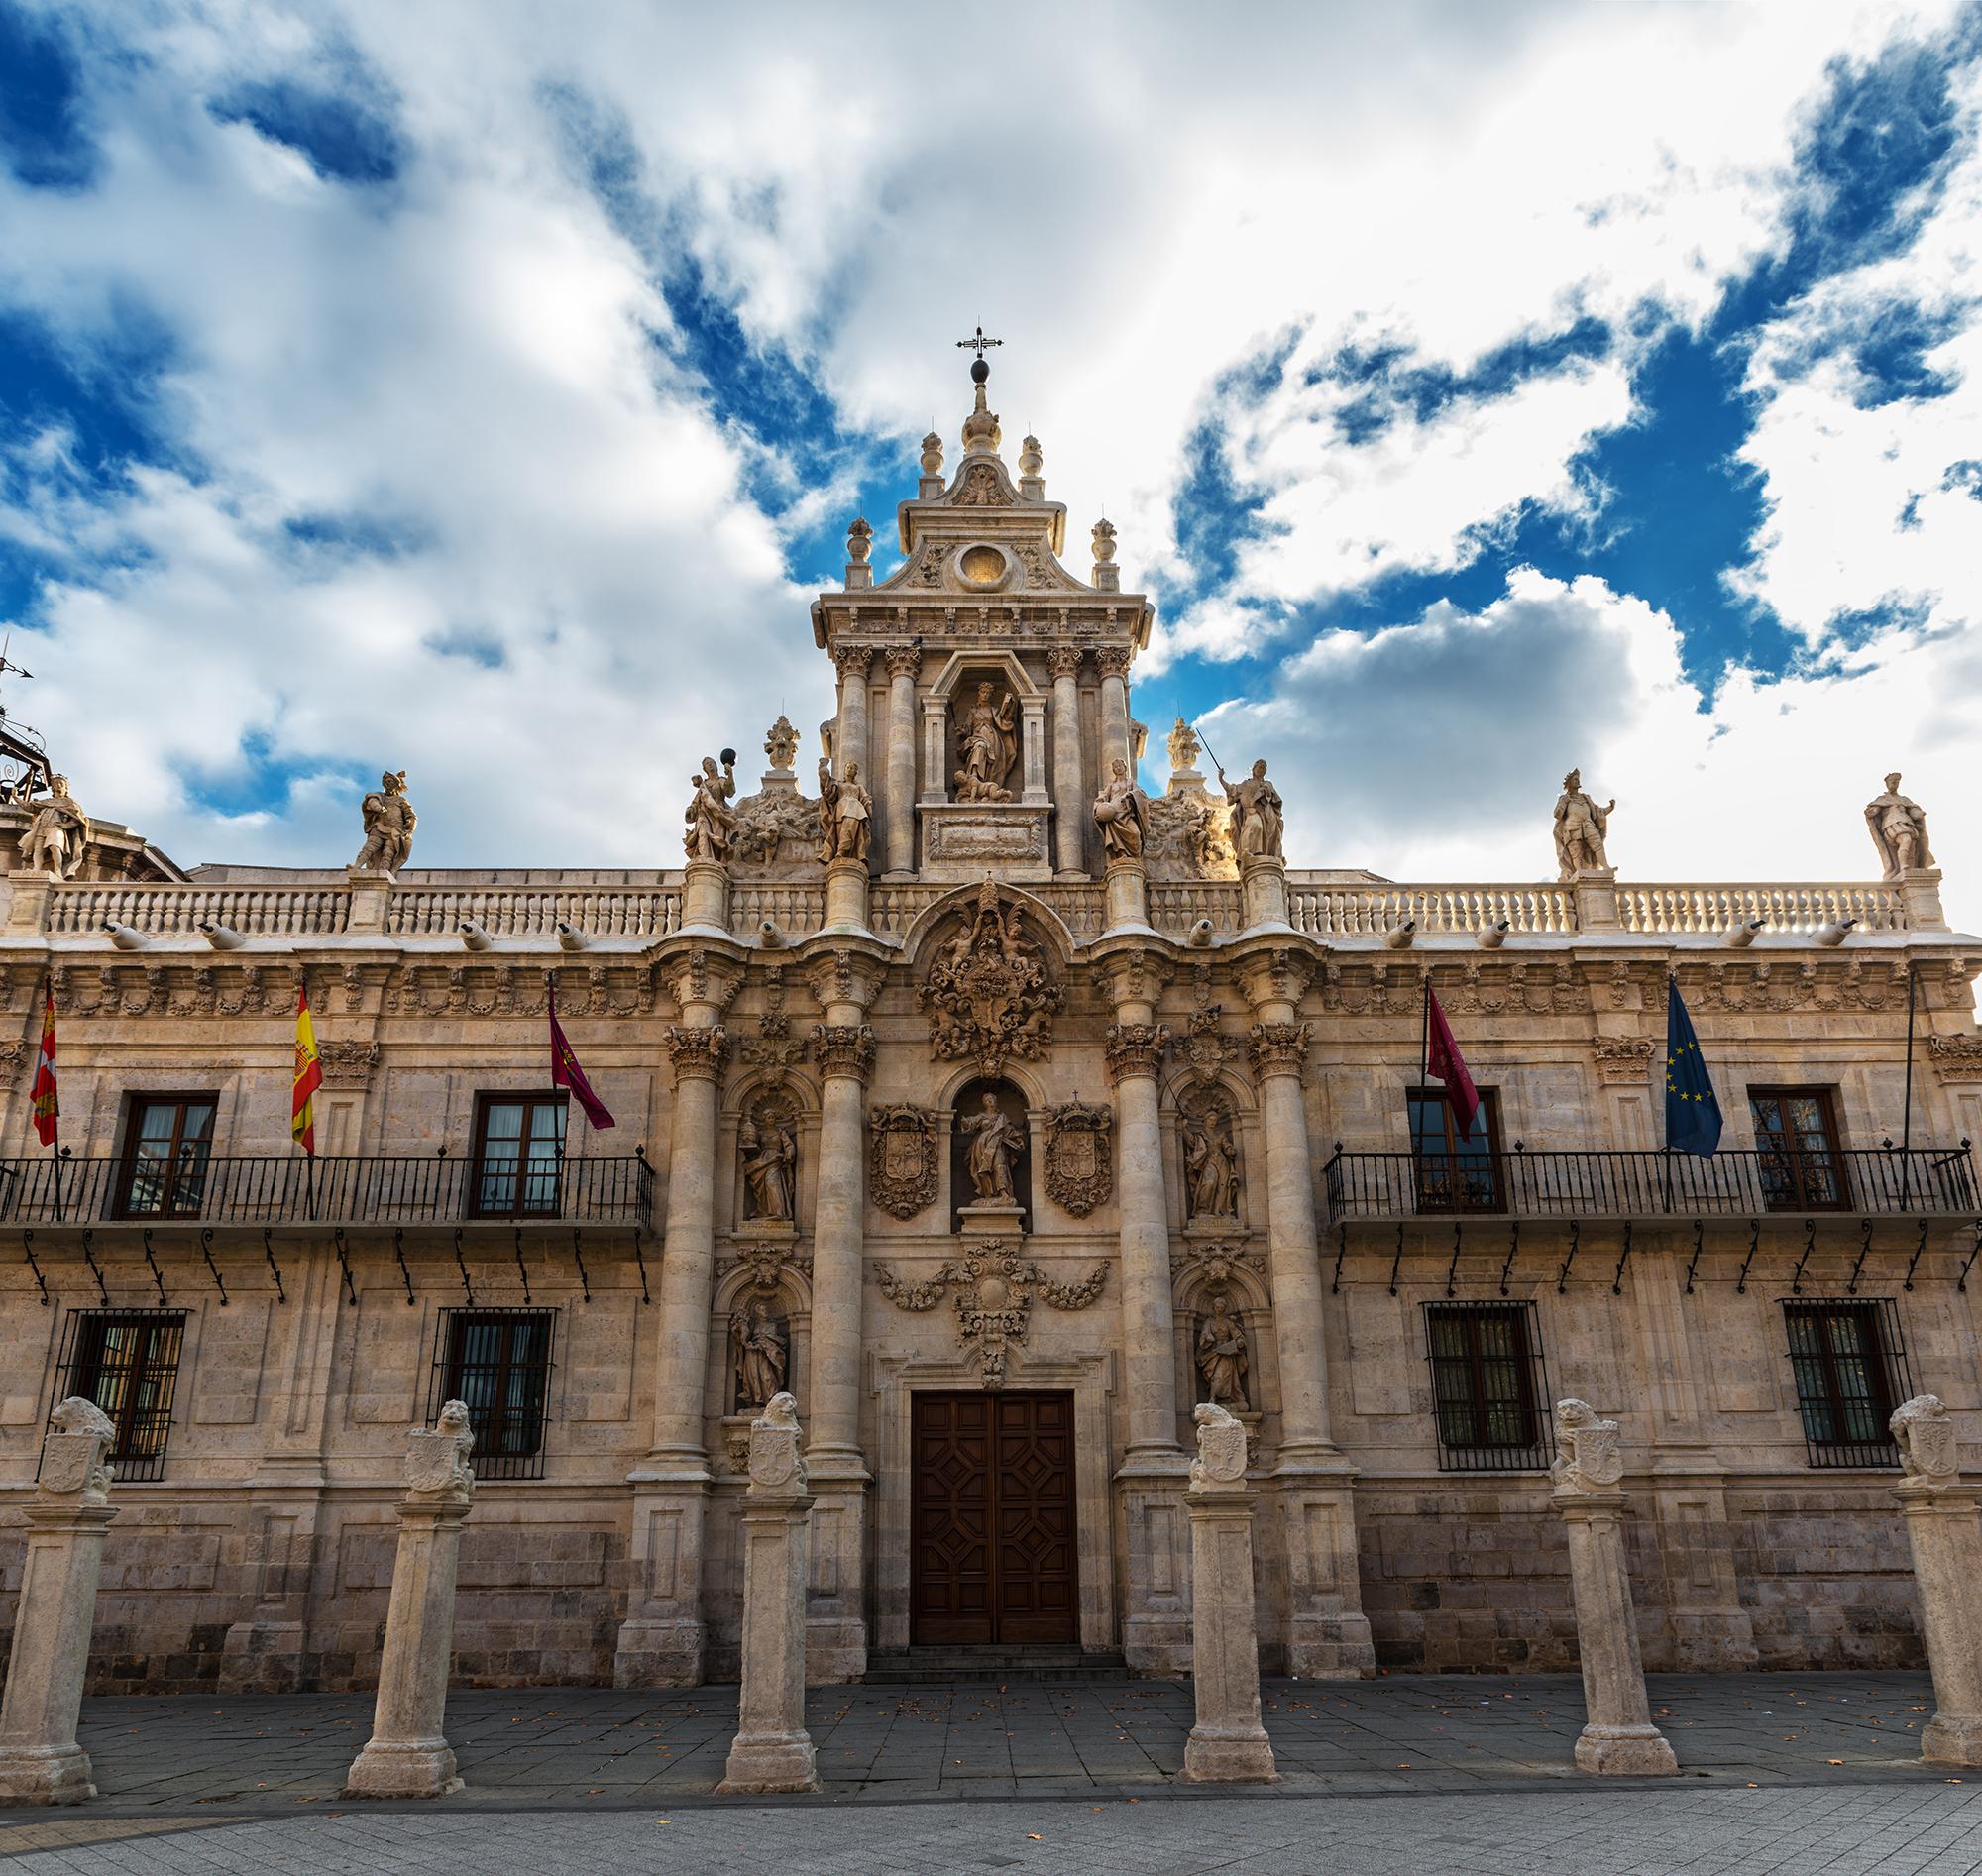 Baroque facade of the University of Valladolid